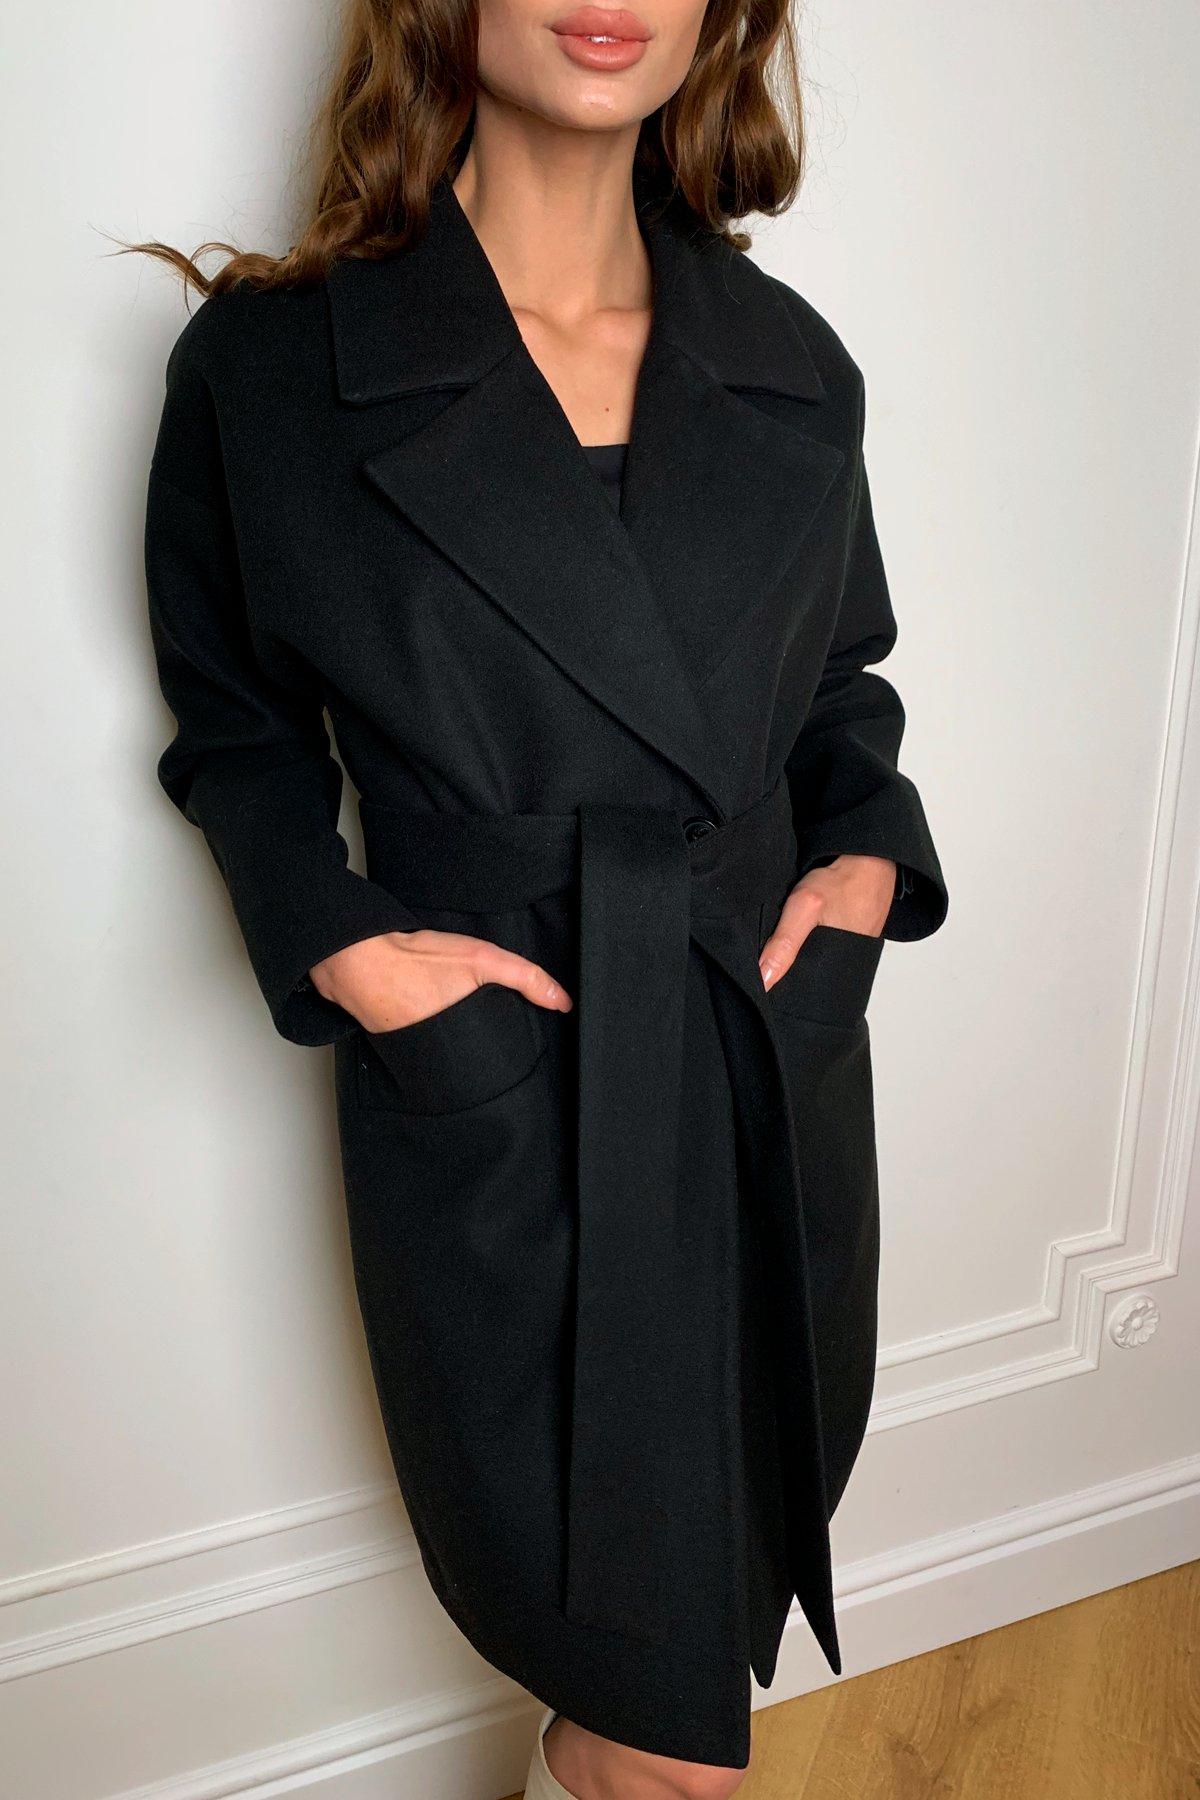 Пальто Сенсей 9767 АРТ. 46070 Цвет: Черный - фото 2, интернет магазин tm-modus.ru